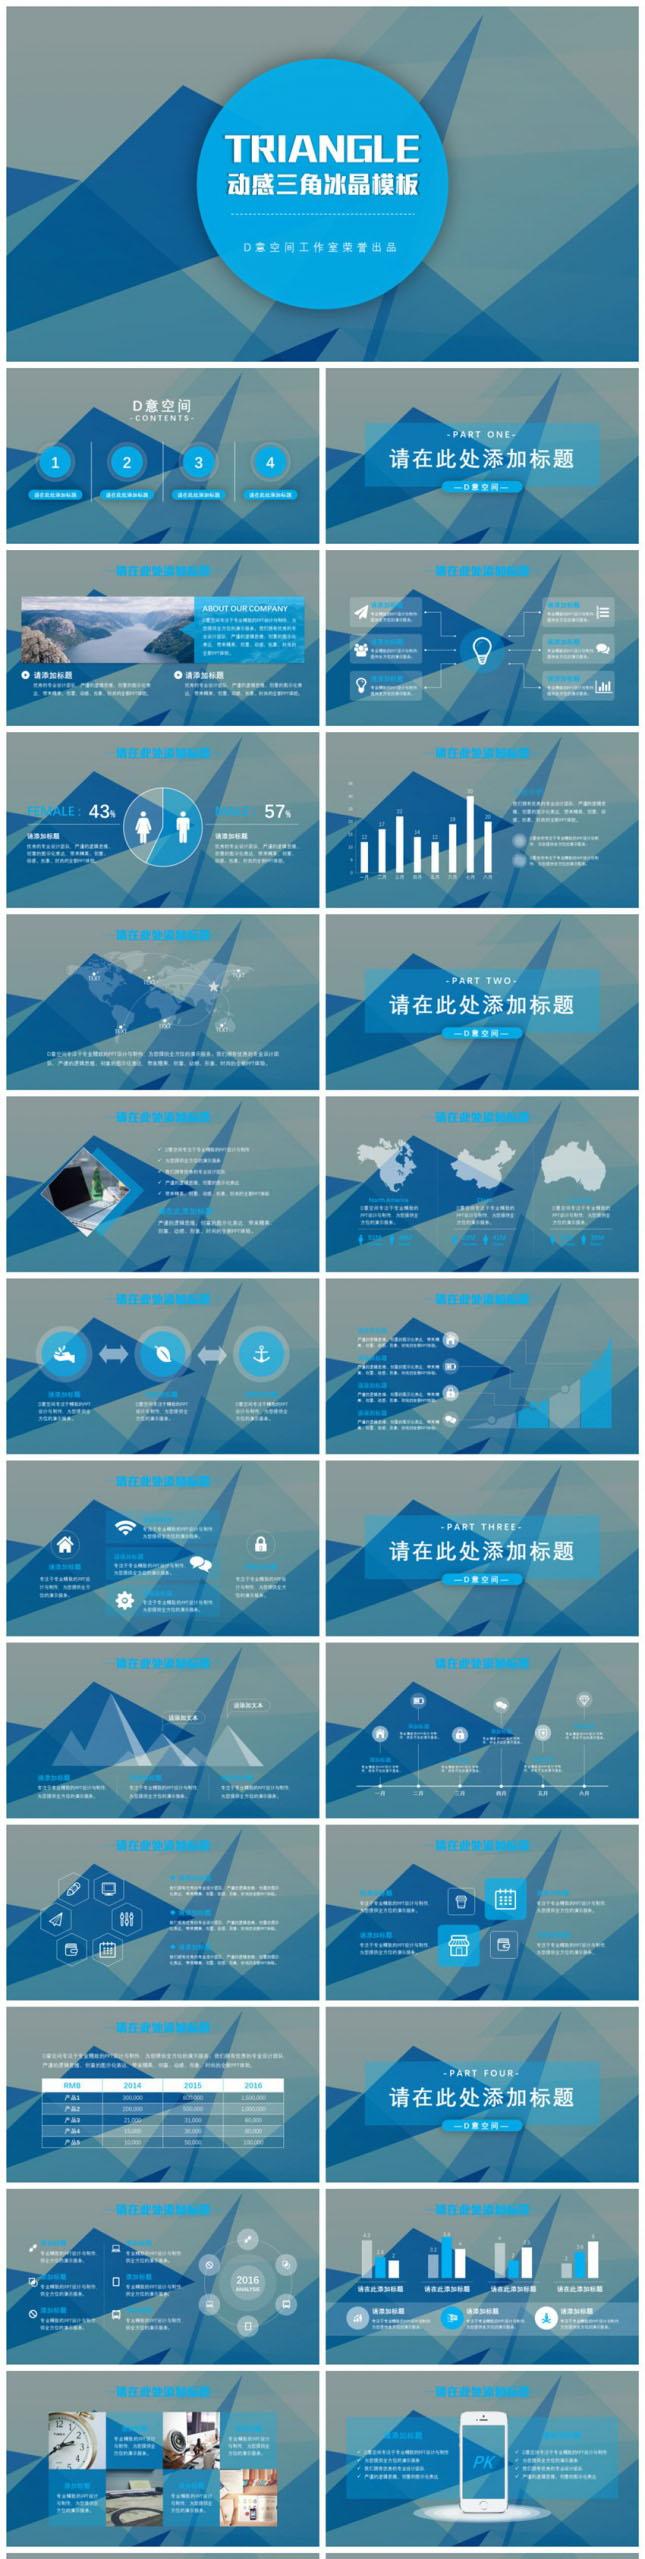 三角冰晶产品推广策划PPT模板